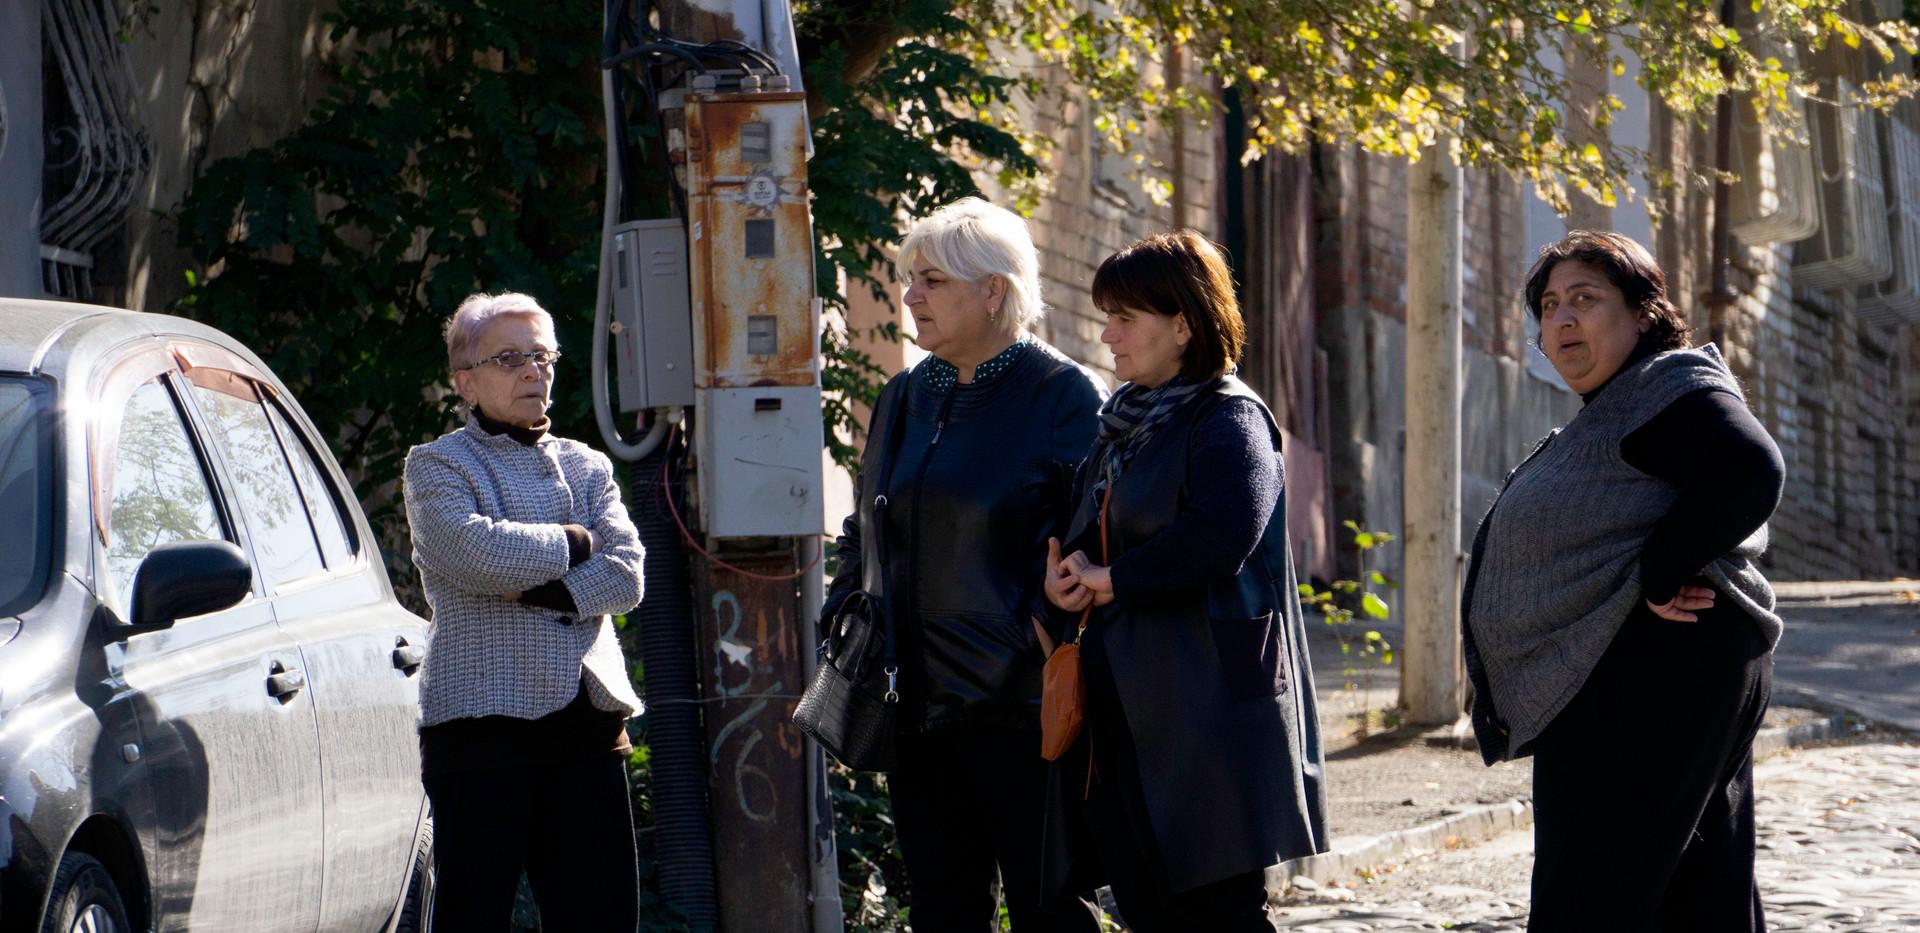 Frauensache: Gespräch im Stadtteil Avlabari/Tiflis